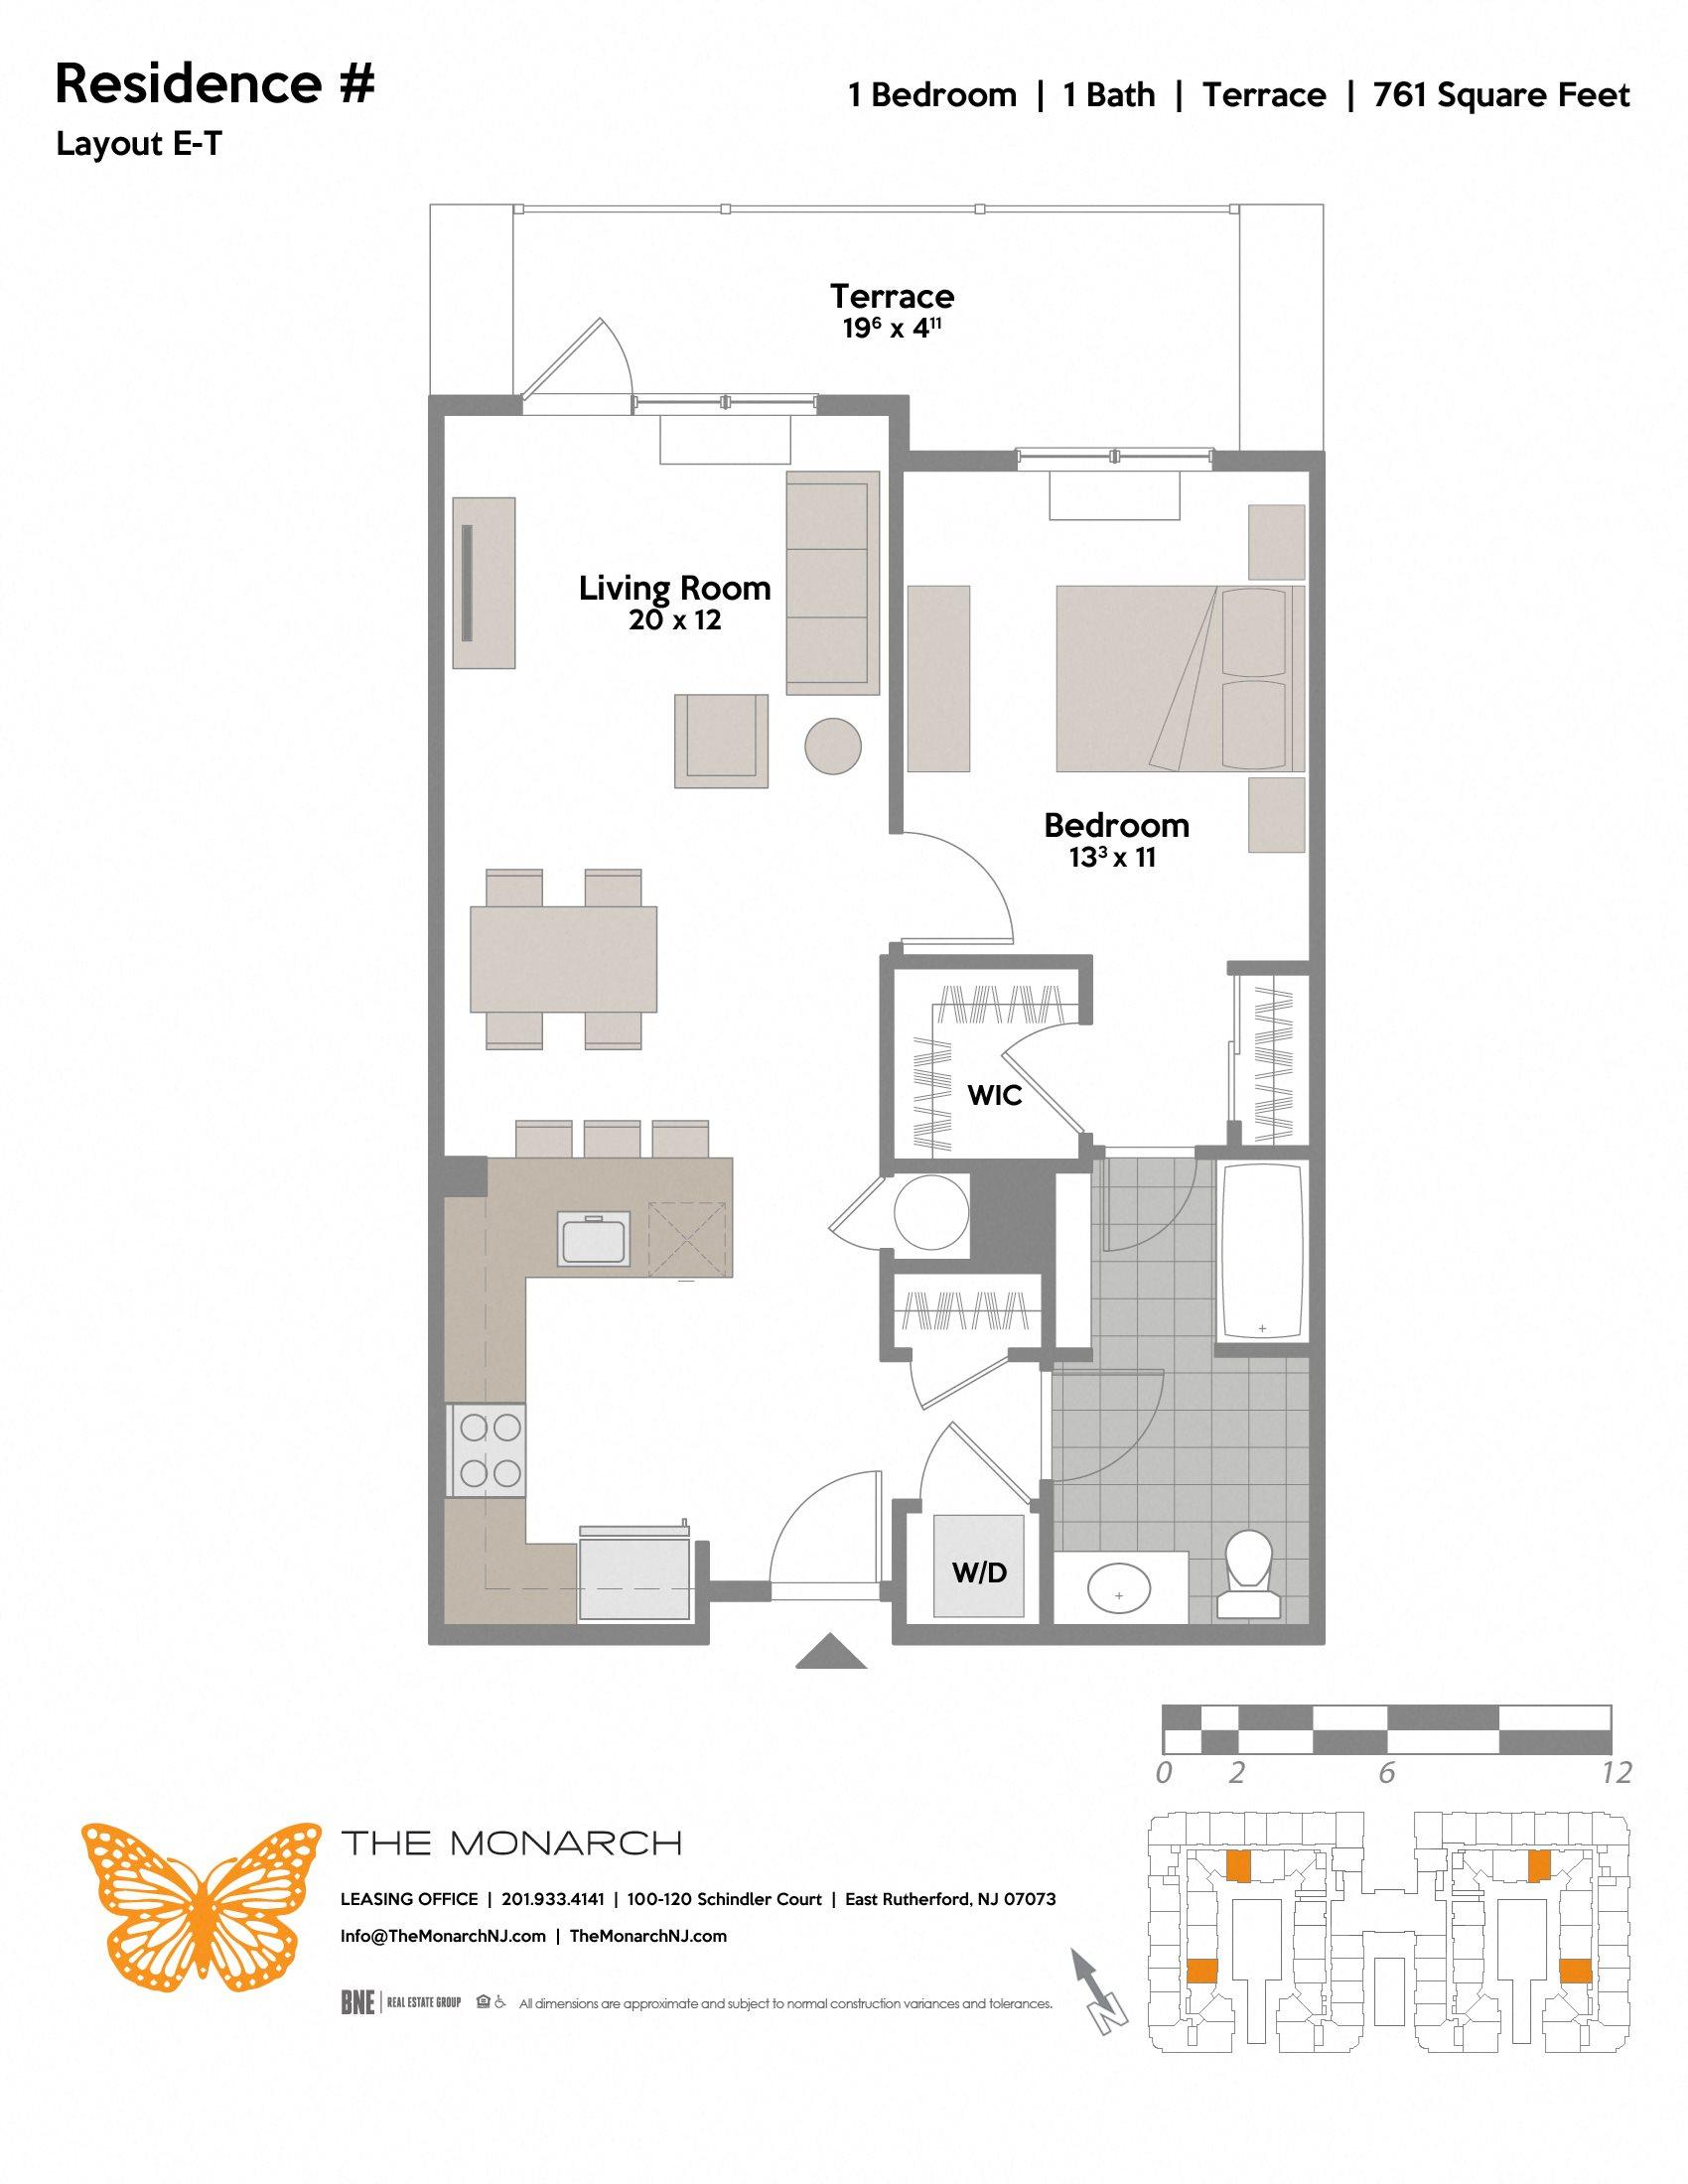 Layout E-T Floor Plan 2